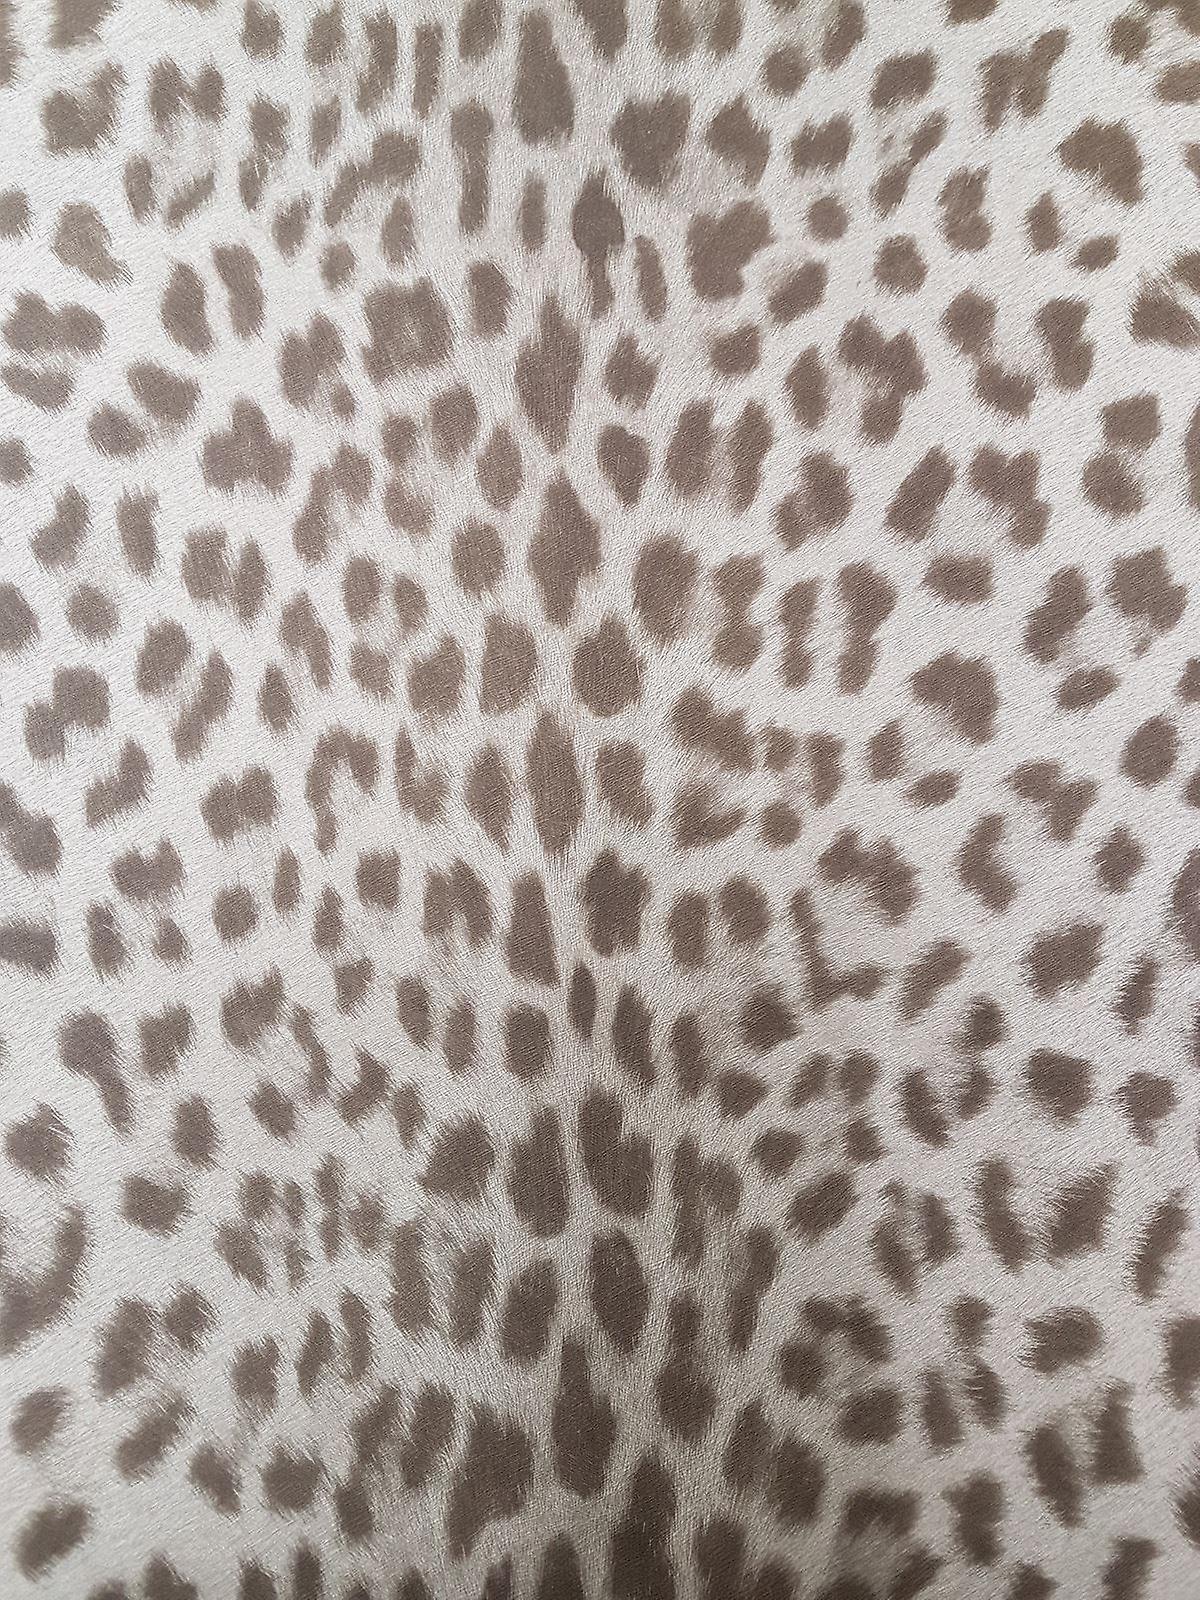 Dierlijke Print Leopard Wallpaper Getextureerde Grijs Bruin Plakken Muur Vinyl Deco 4 Muren